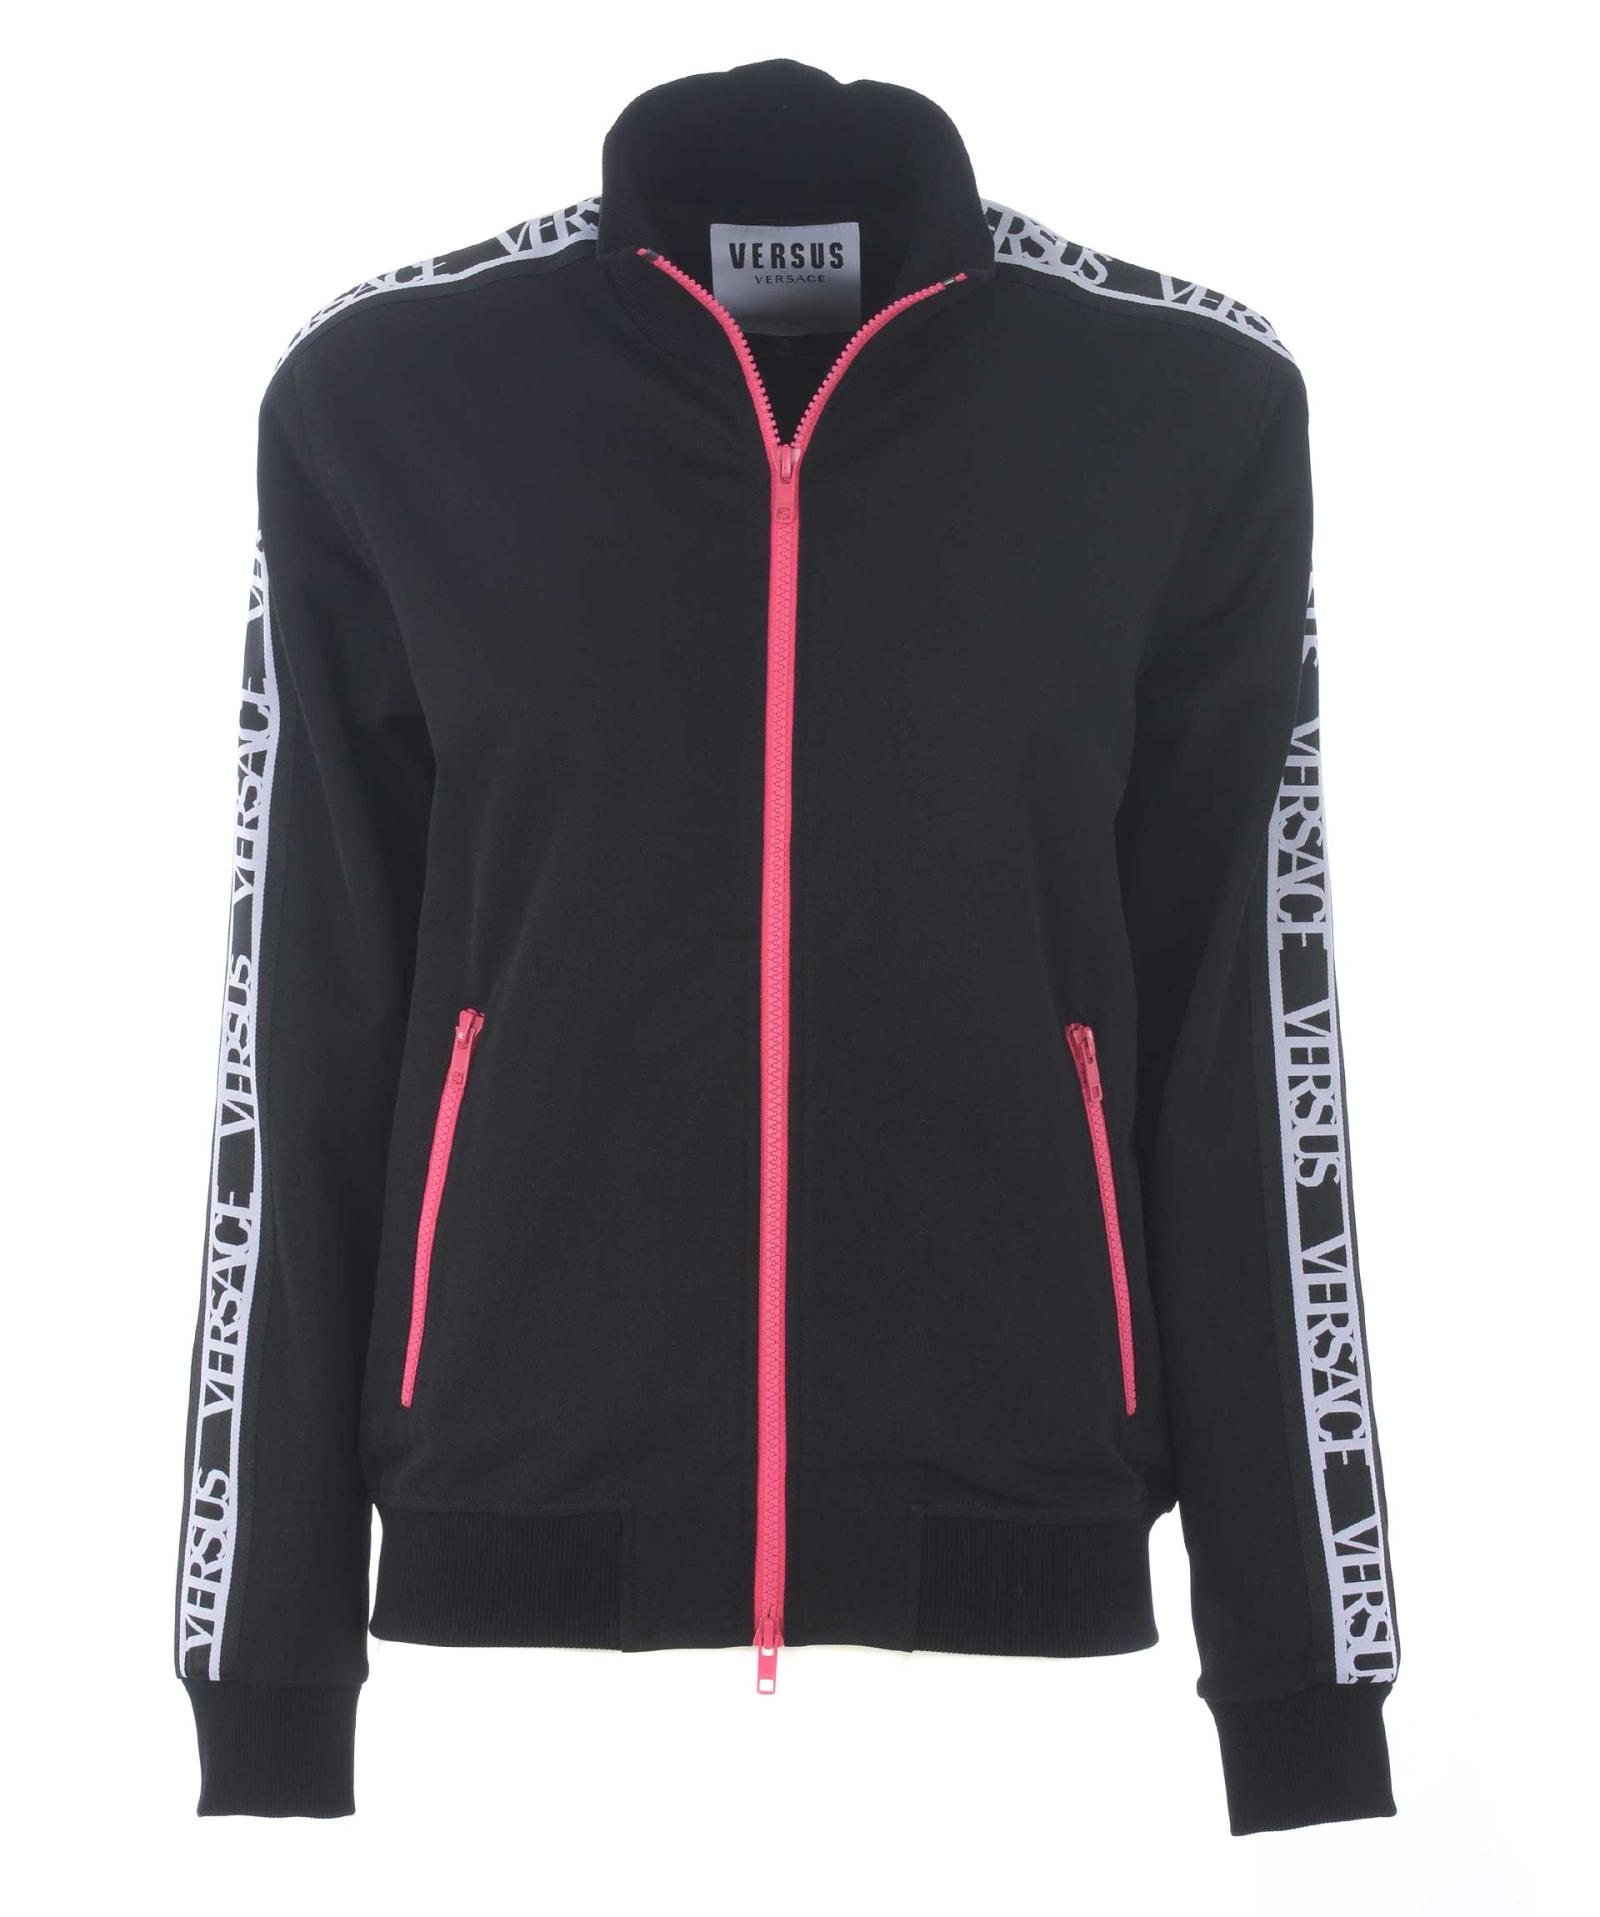 Versus Versace Jacket